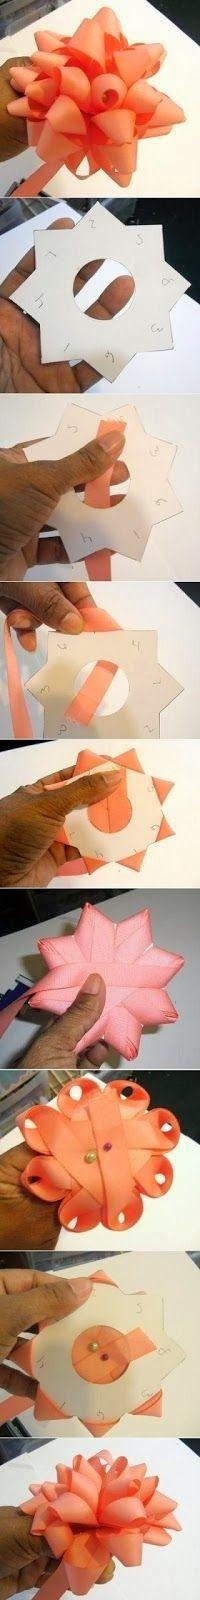 DIY Ribbon Bow